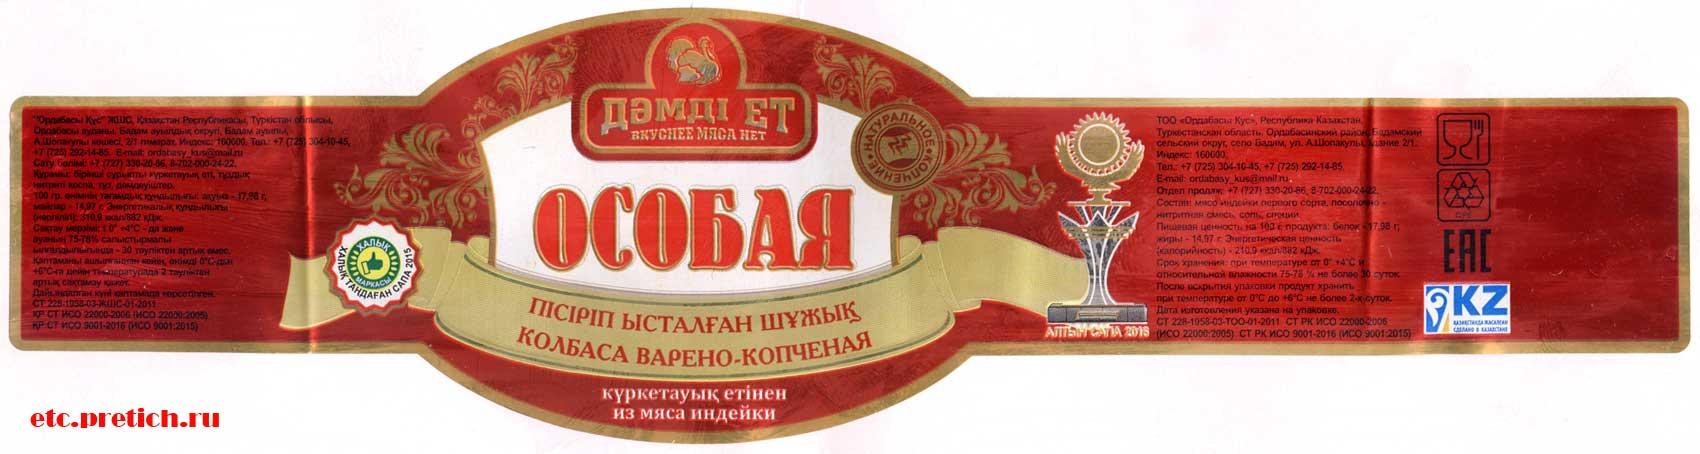 Описание и отзыв на колбасу варено-копченую Особую, дамди ет